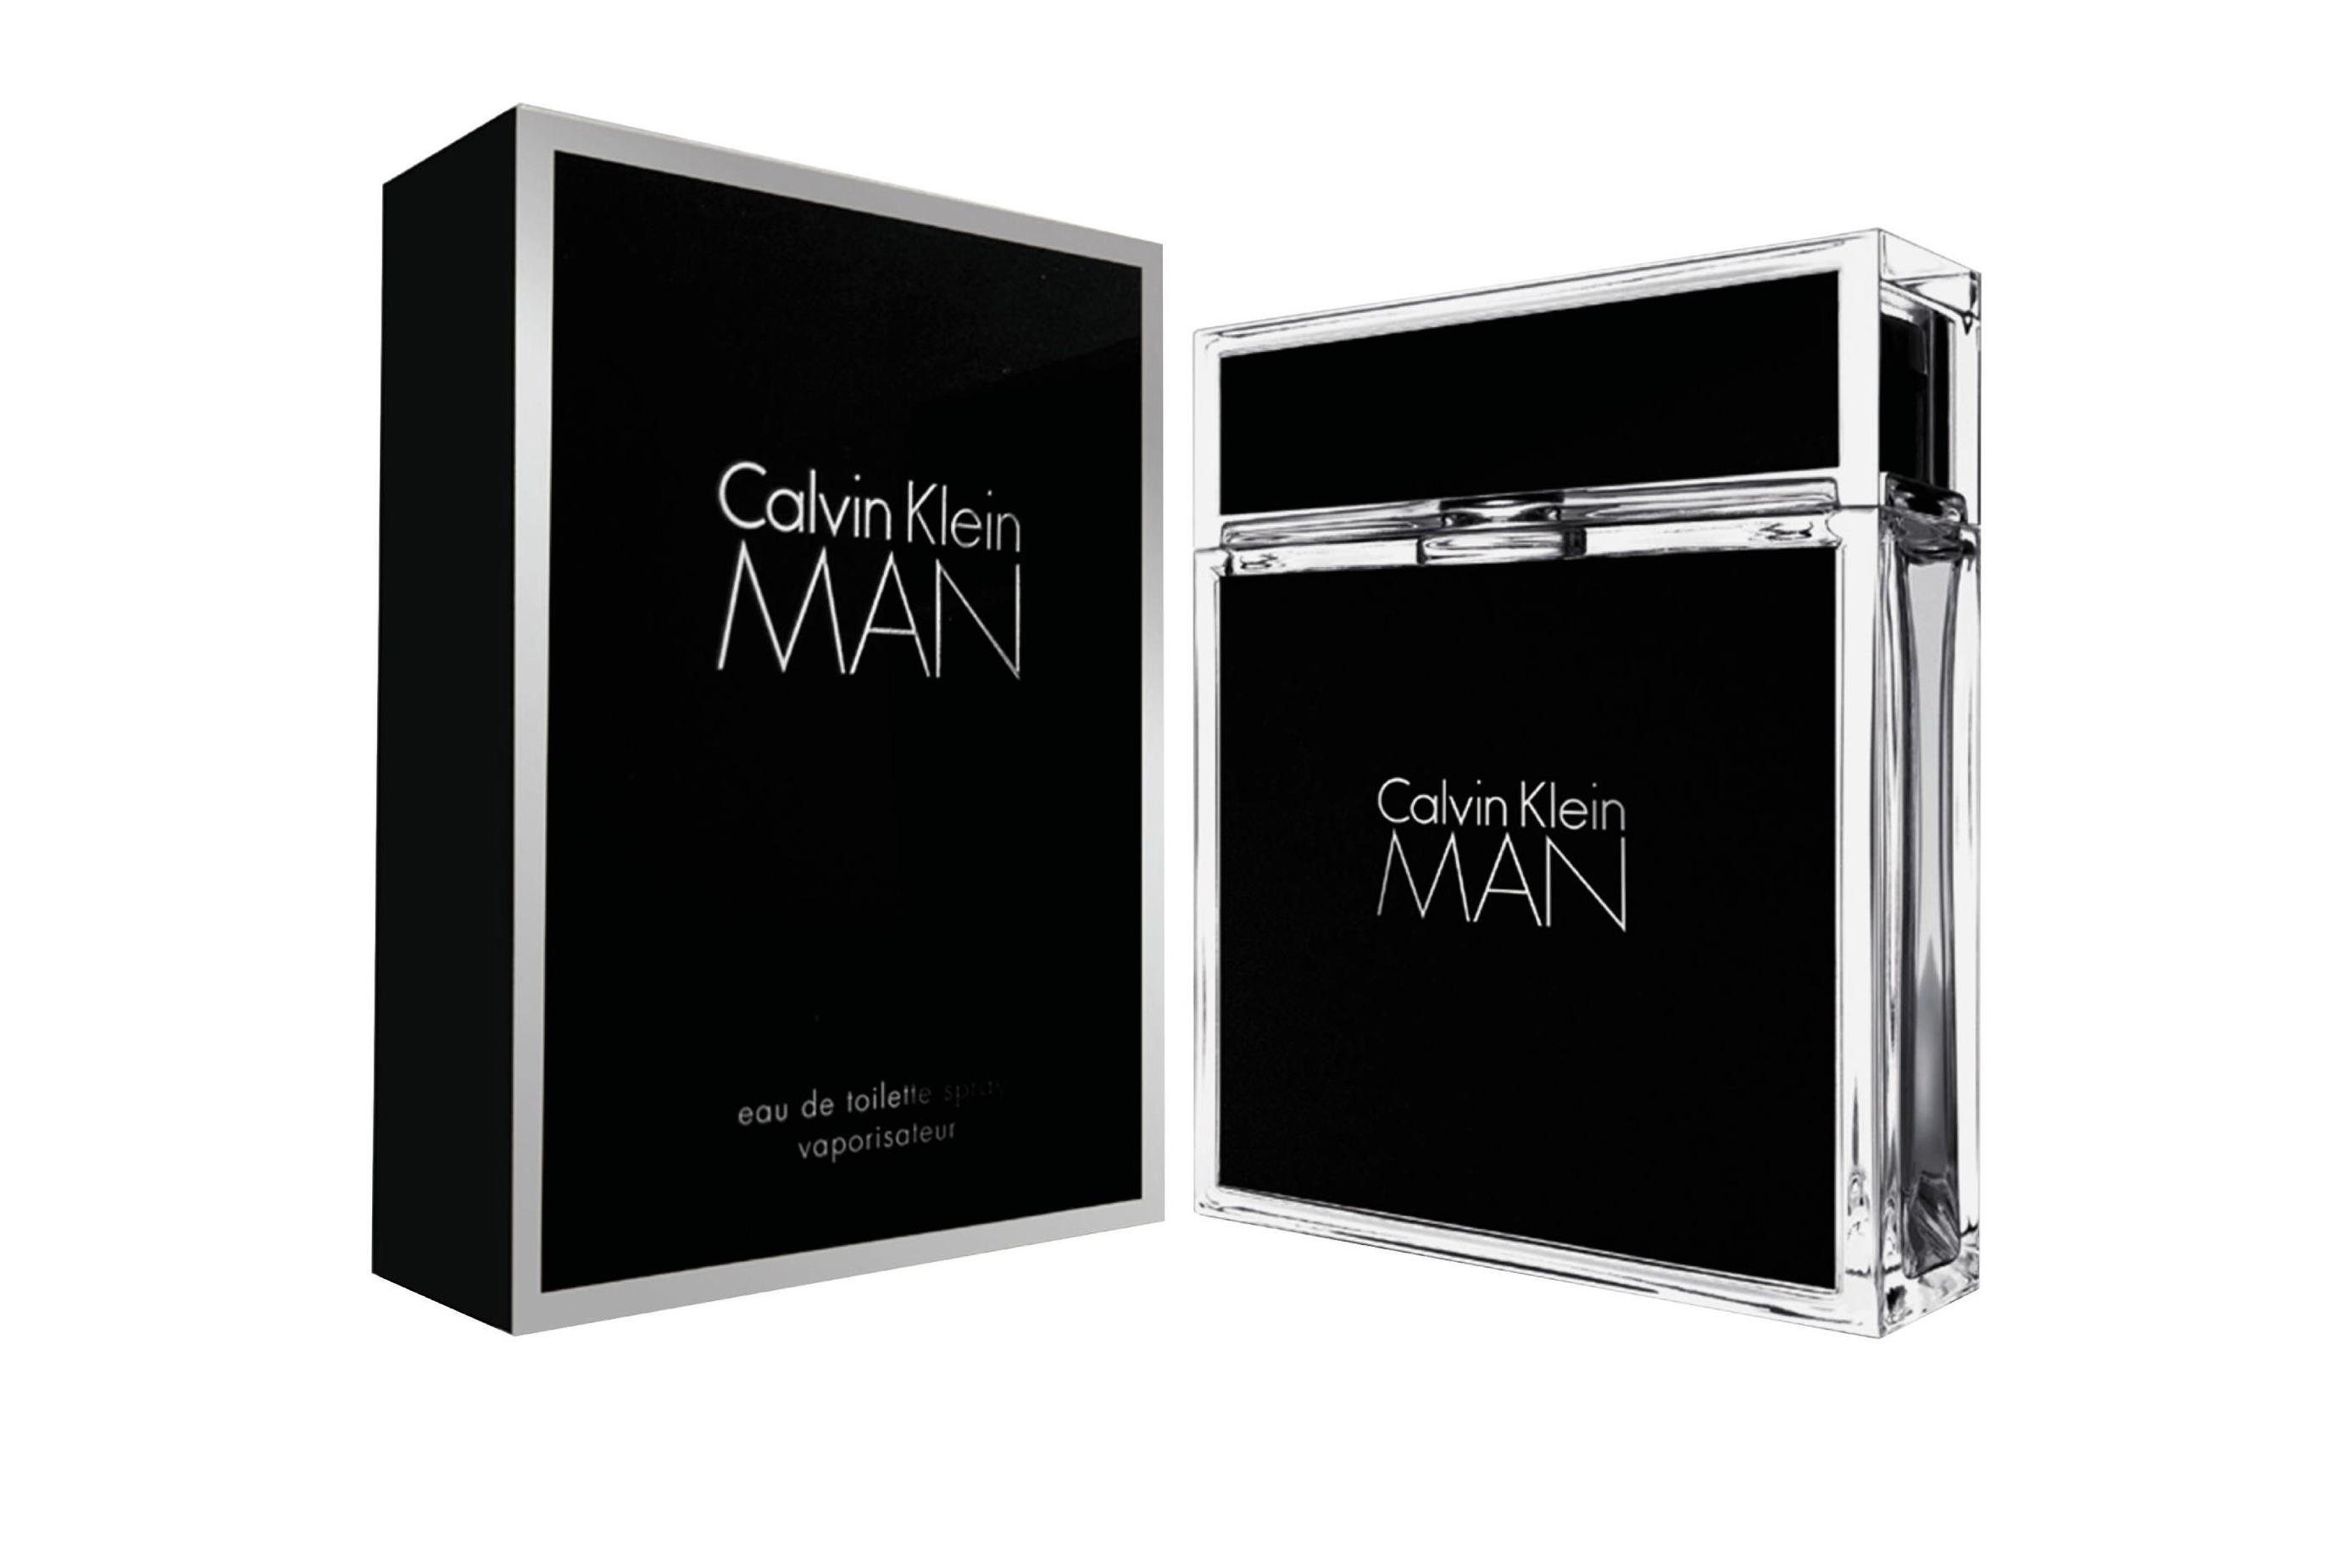 Calvin Klein Man-Парфюм дарит ощущение уверенности в собственных силах. Мужчина, выбирающий такой аромат способен на любые достижения и подвиги. CK Man – залог успеха, необычайных достижений и удачи. Элегантный образ и изысканный стиль присущи ему, выделяя и оттеняя необычайную, харизматичную индивидуальность. Этот аромат посвящен современному мужчине, такому, который всегда соответствует духу времени, в котором живет.  Аромат уверенности и успеха. Создан для стильных, мужественных, молодых людей.